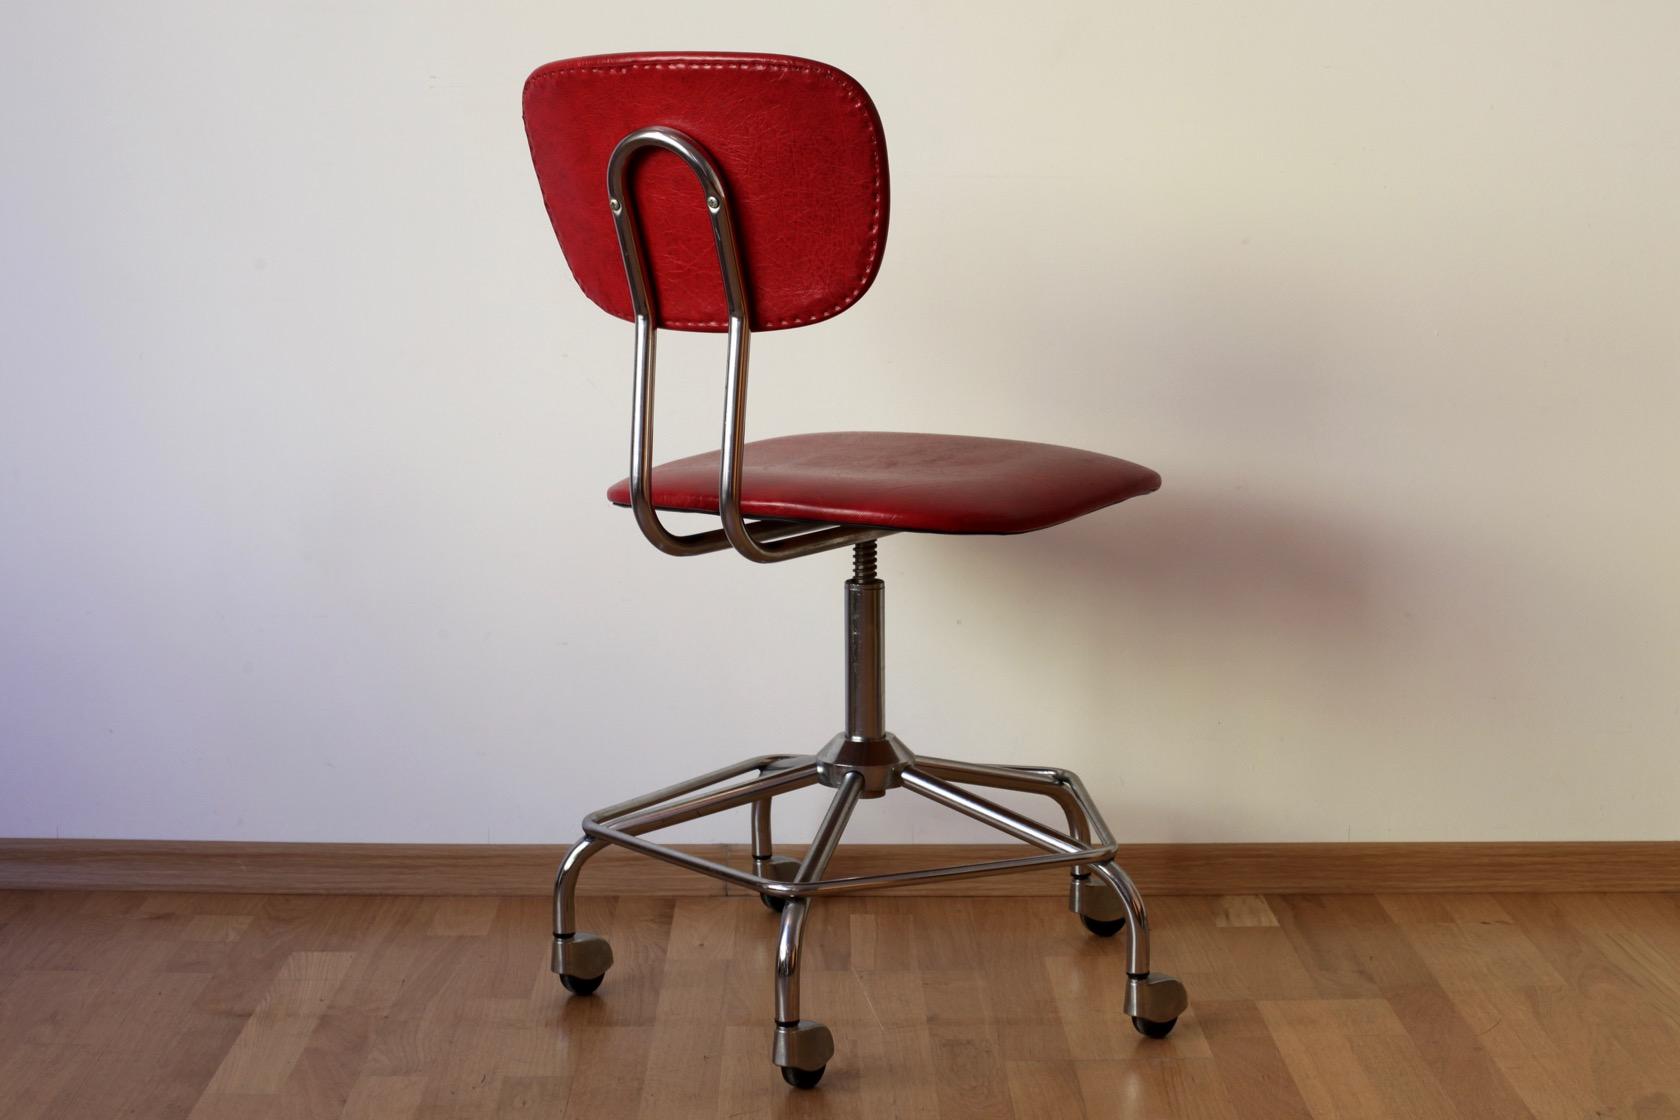 Drehstuhl aus den 60er jahren raumwunder vintage for Mobel aus den 60er jahren